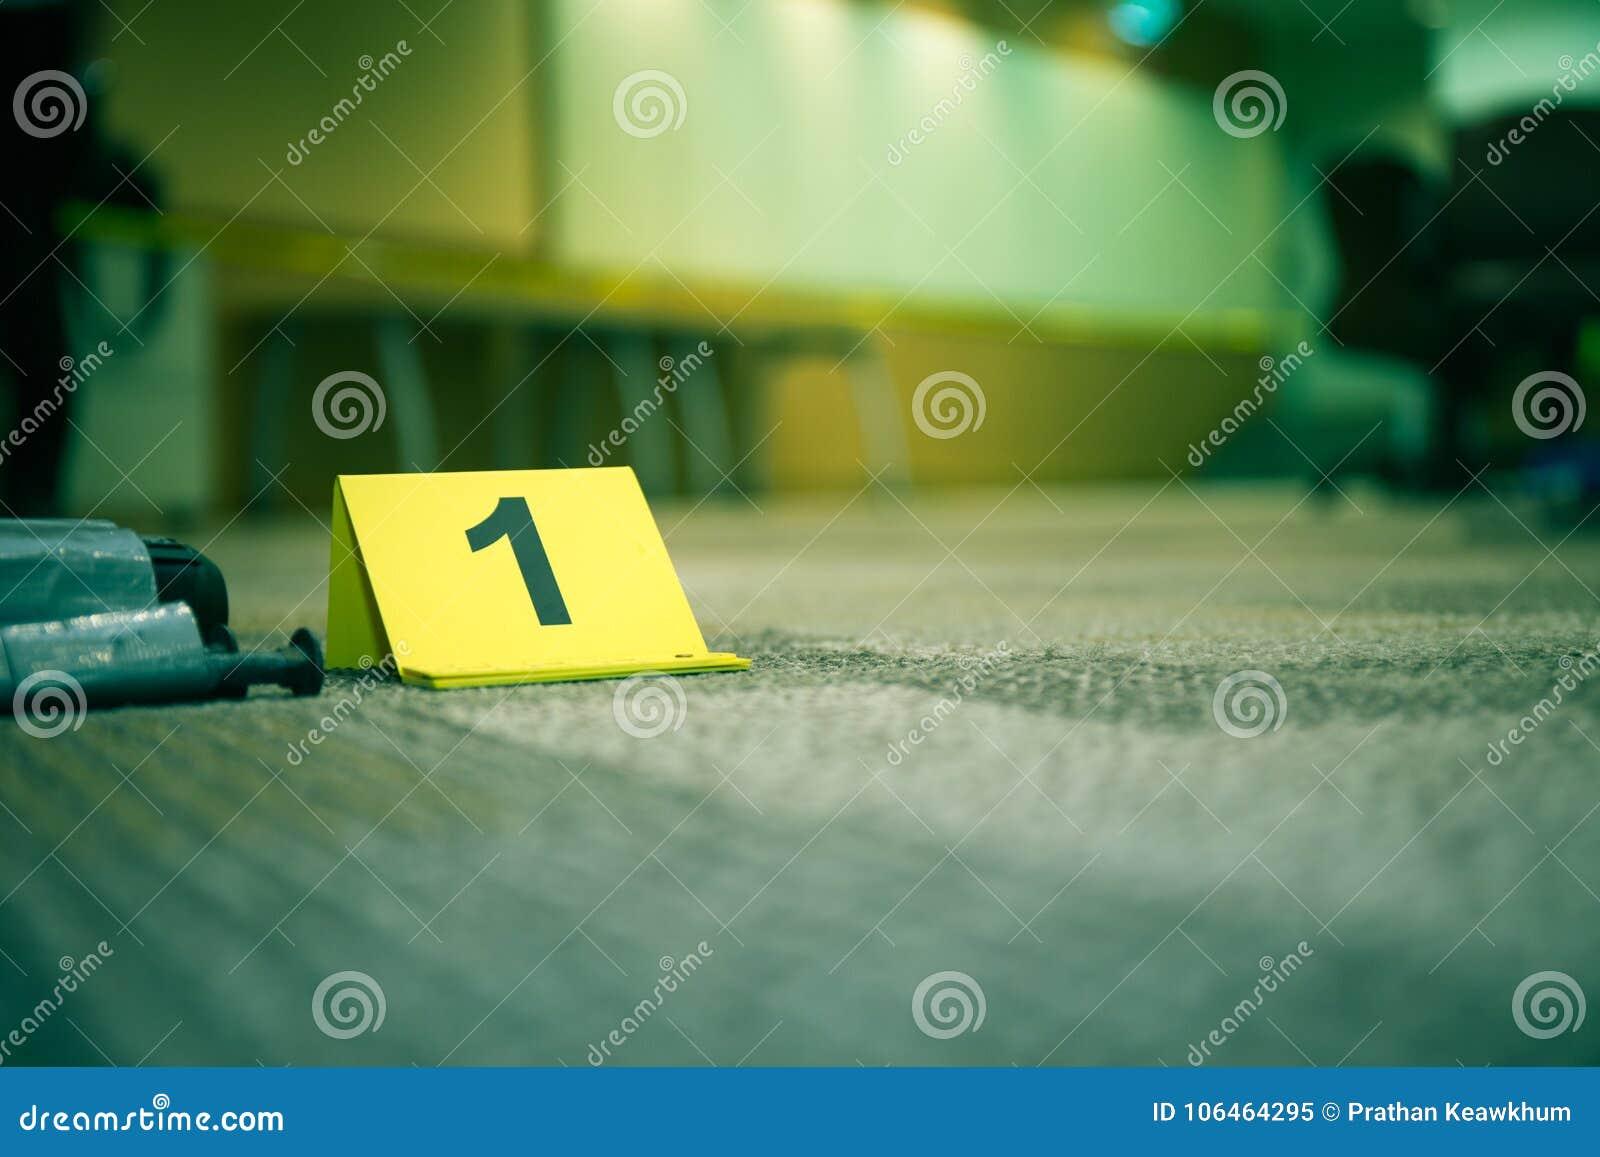 Отметка 7 доказательства на поле ковра около подозреваемого объекта внутри